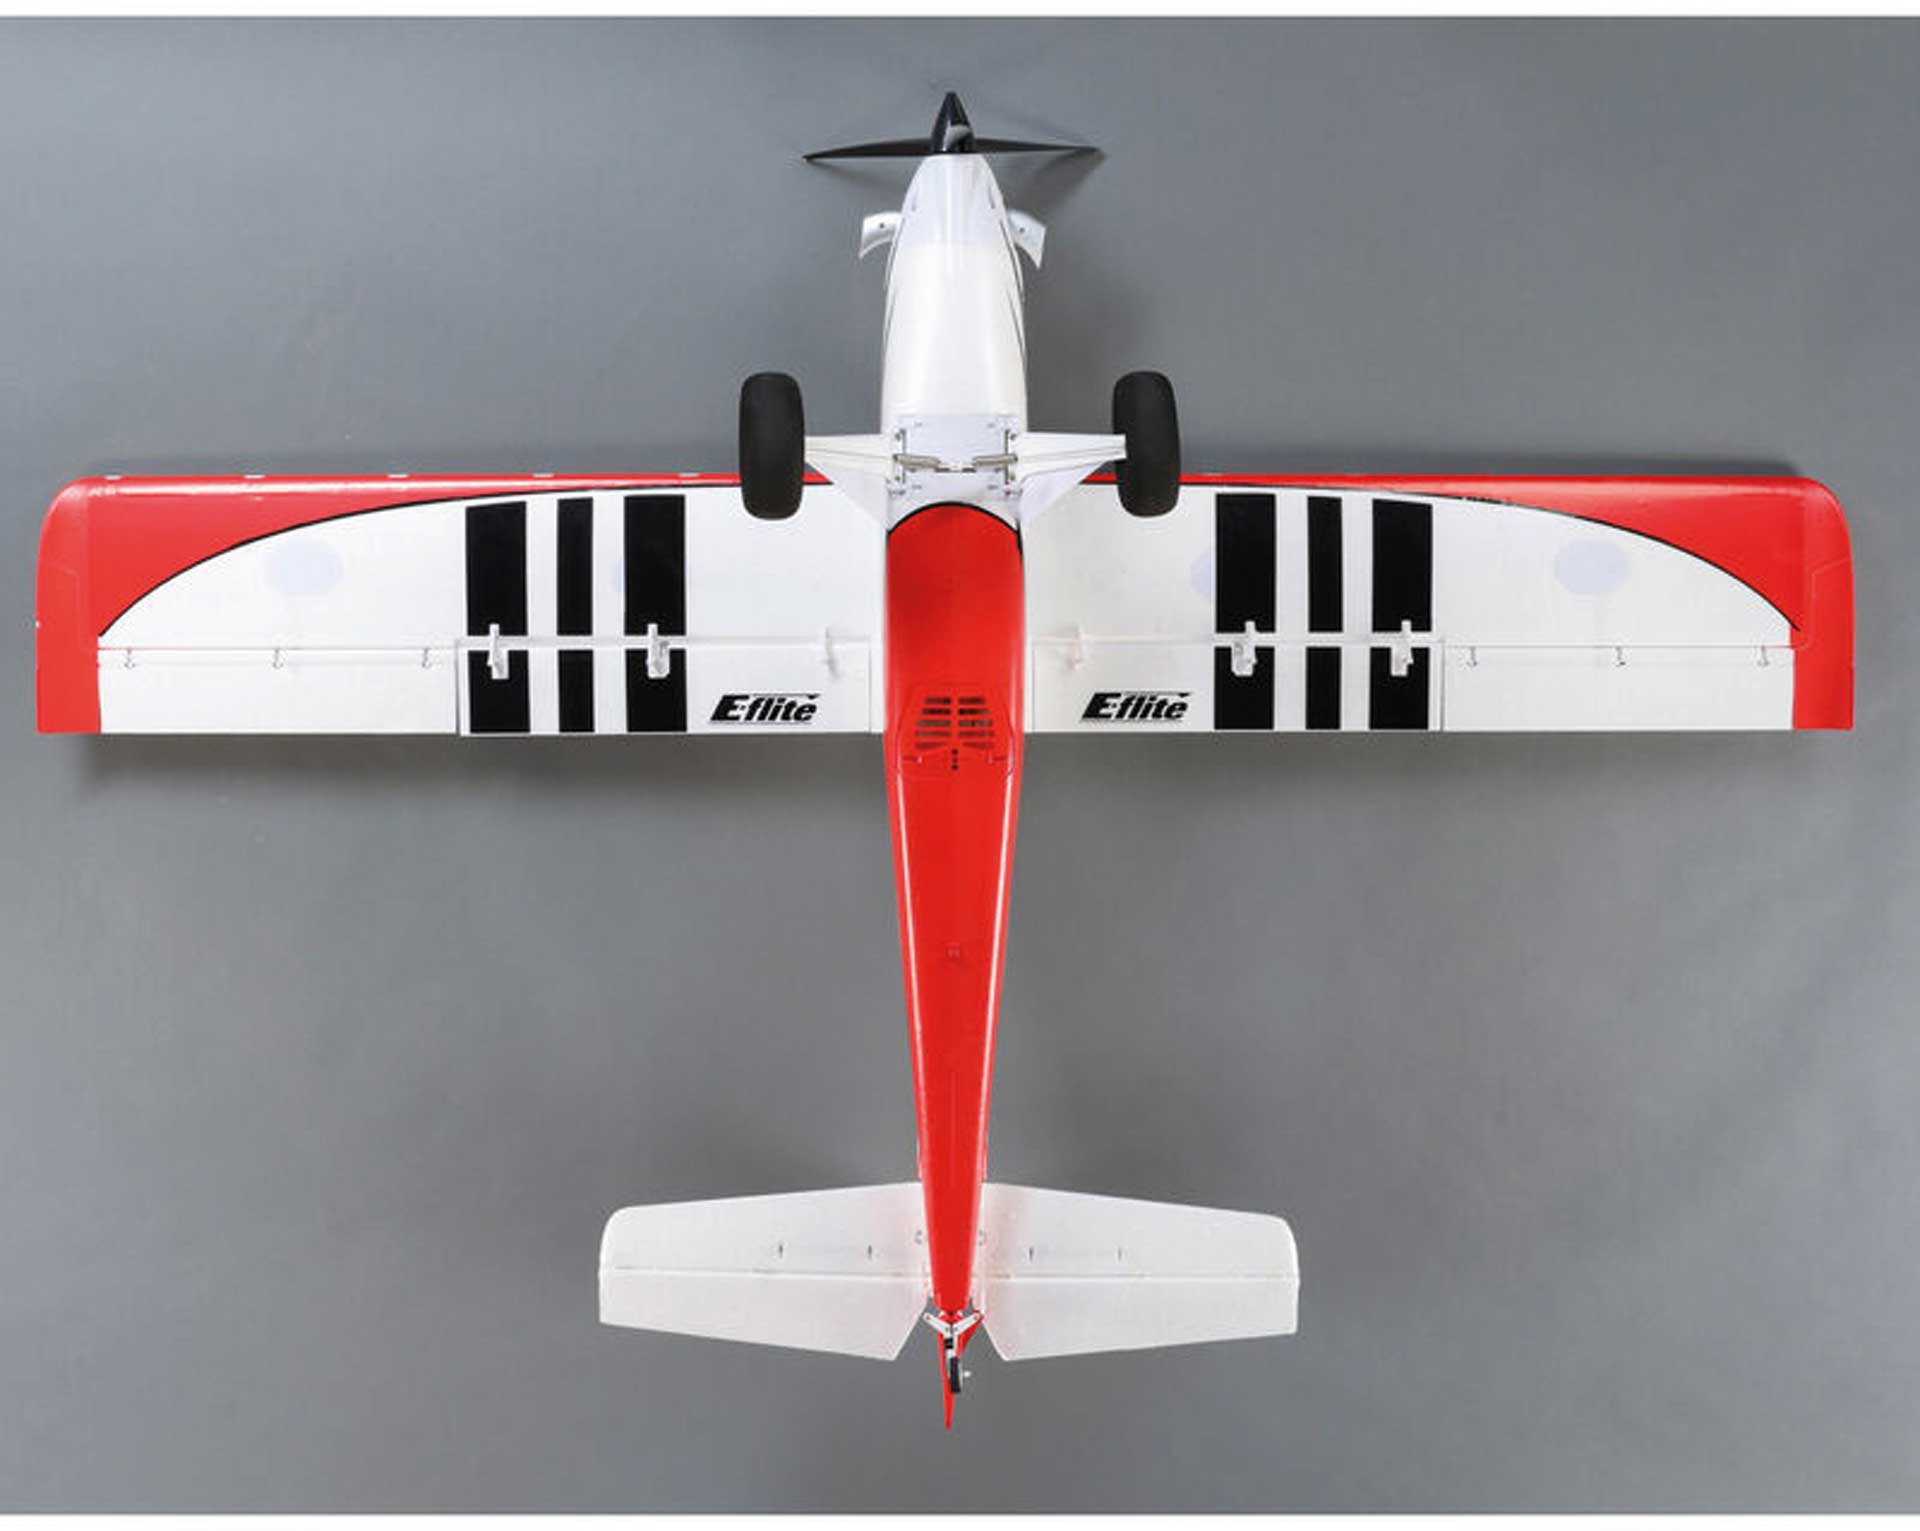 E-FLITE Turbo Timber Evolution 1.5m BNF Basic inkl. Schwimmer